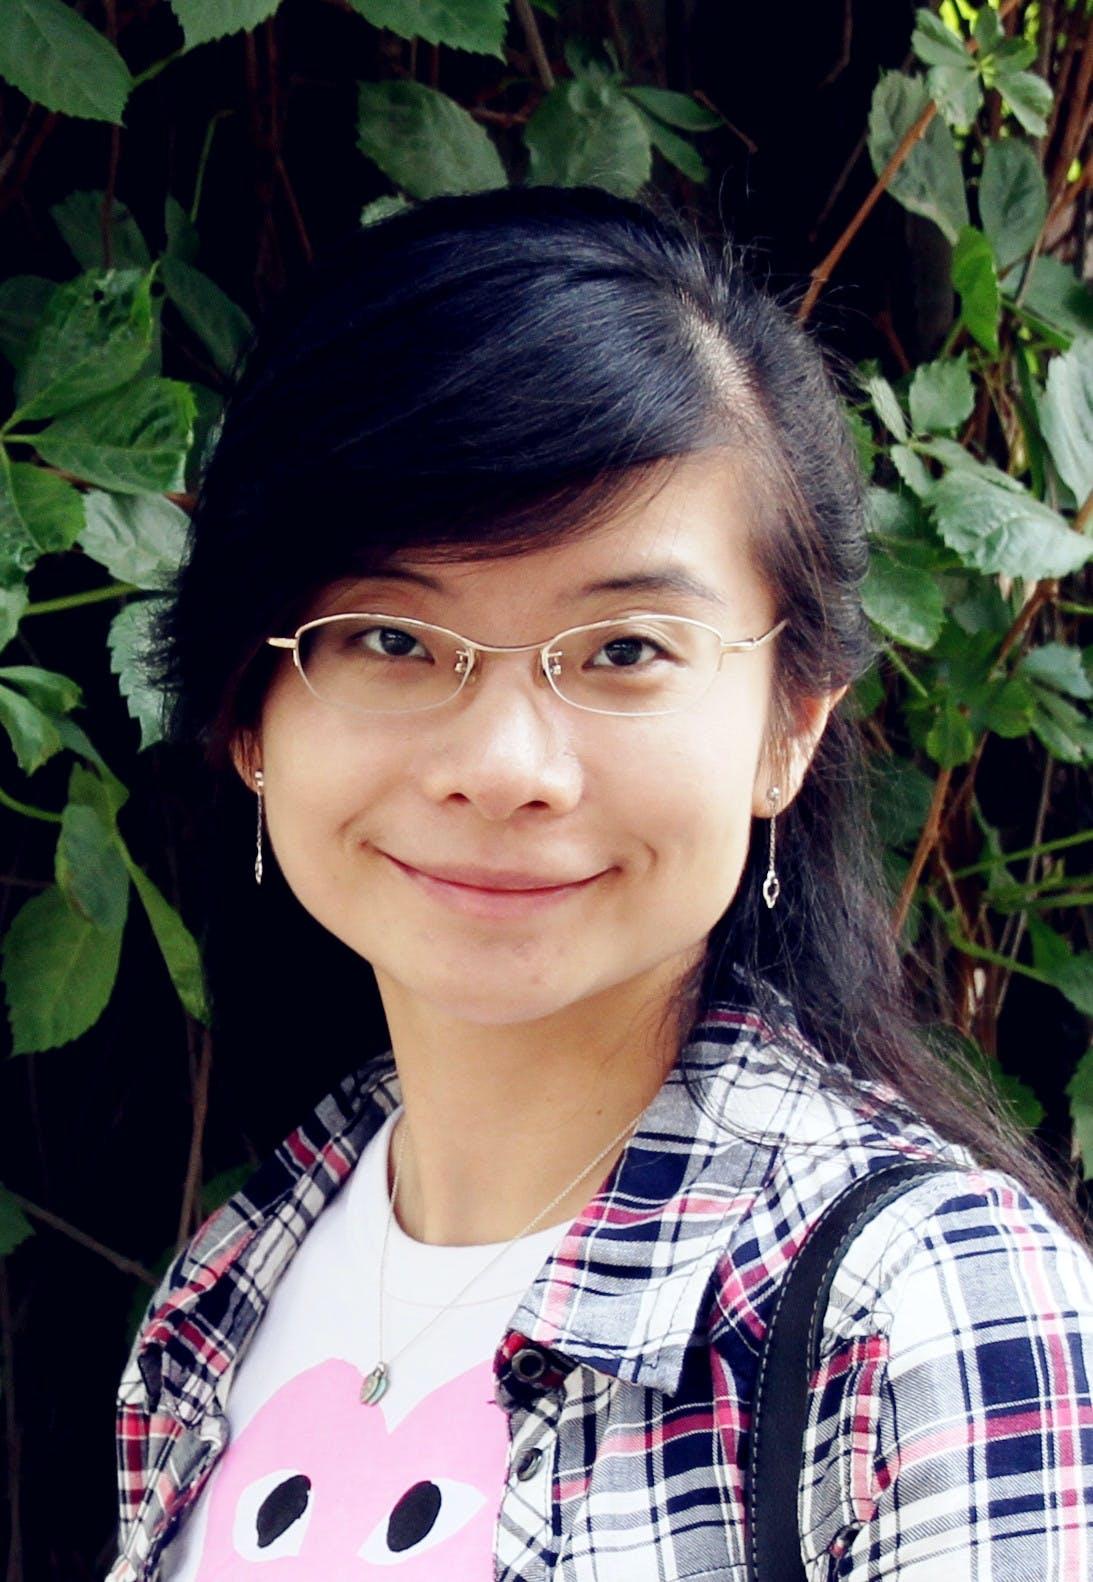 Jiaying Liu 刘家瑛, Ph.D.